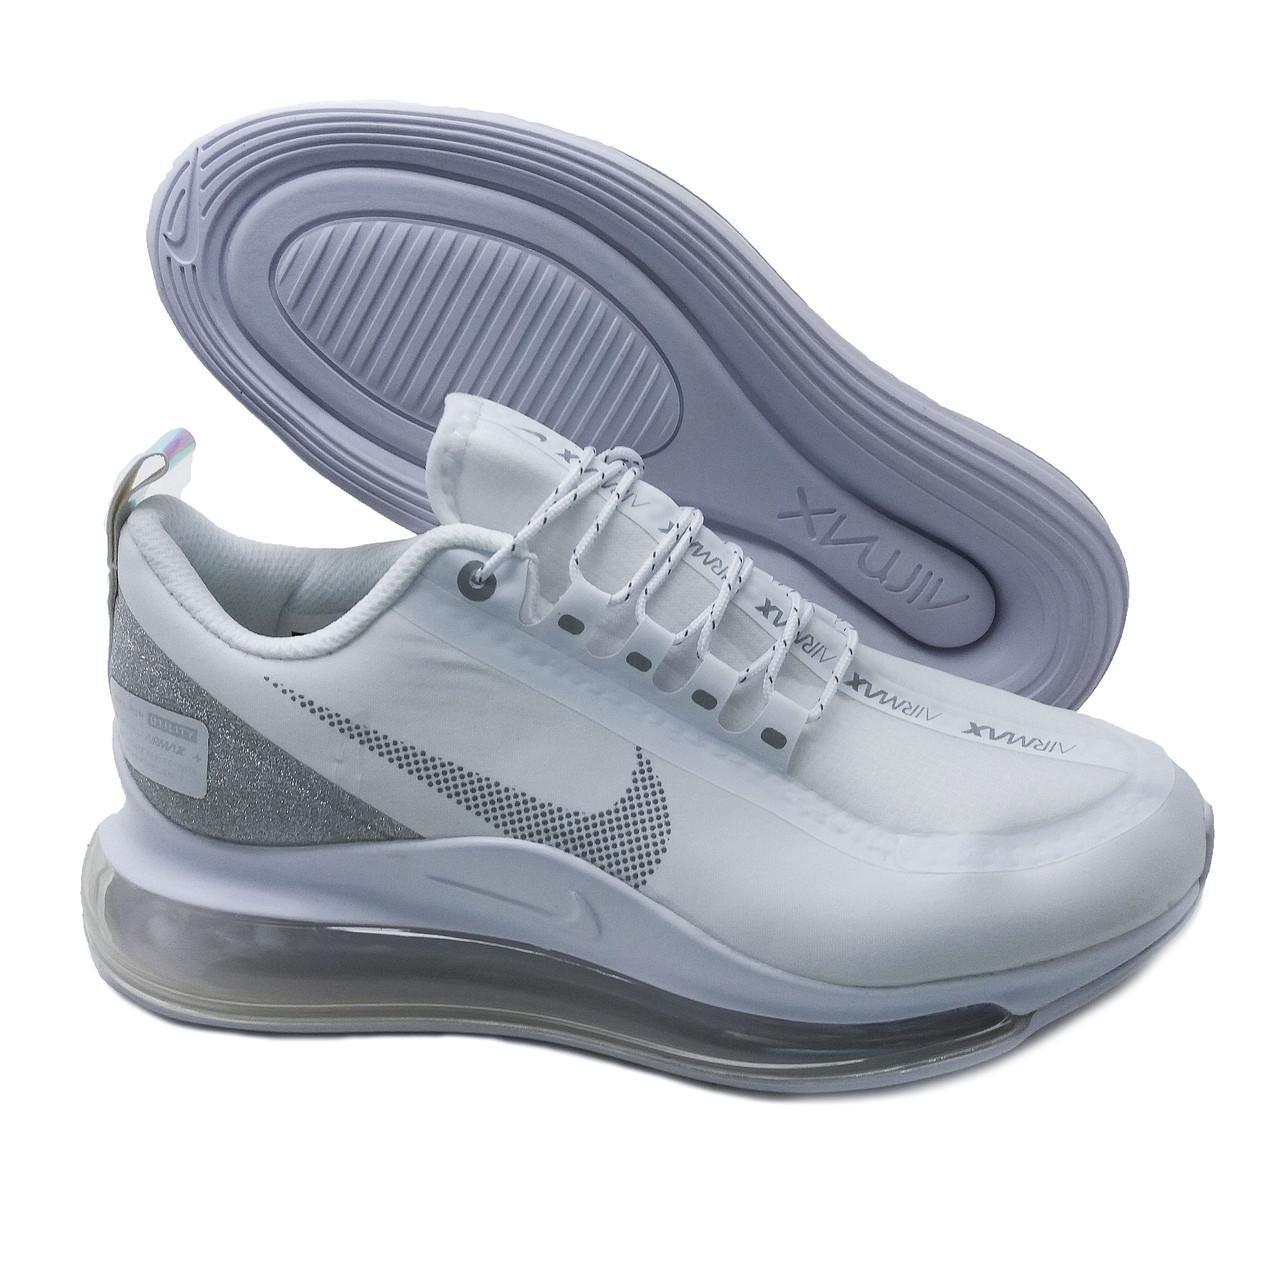 Кроссовки мужские текстильный верх белые гламурные похожие на Nike Air Max Run